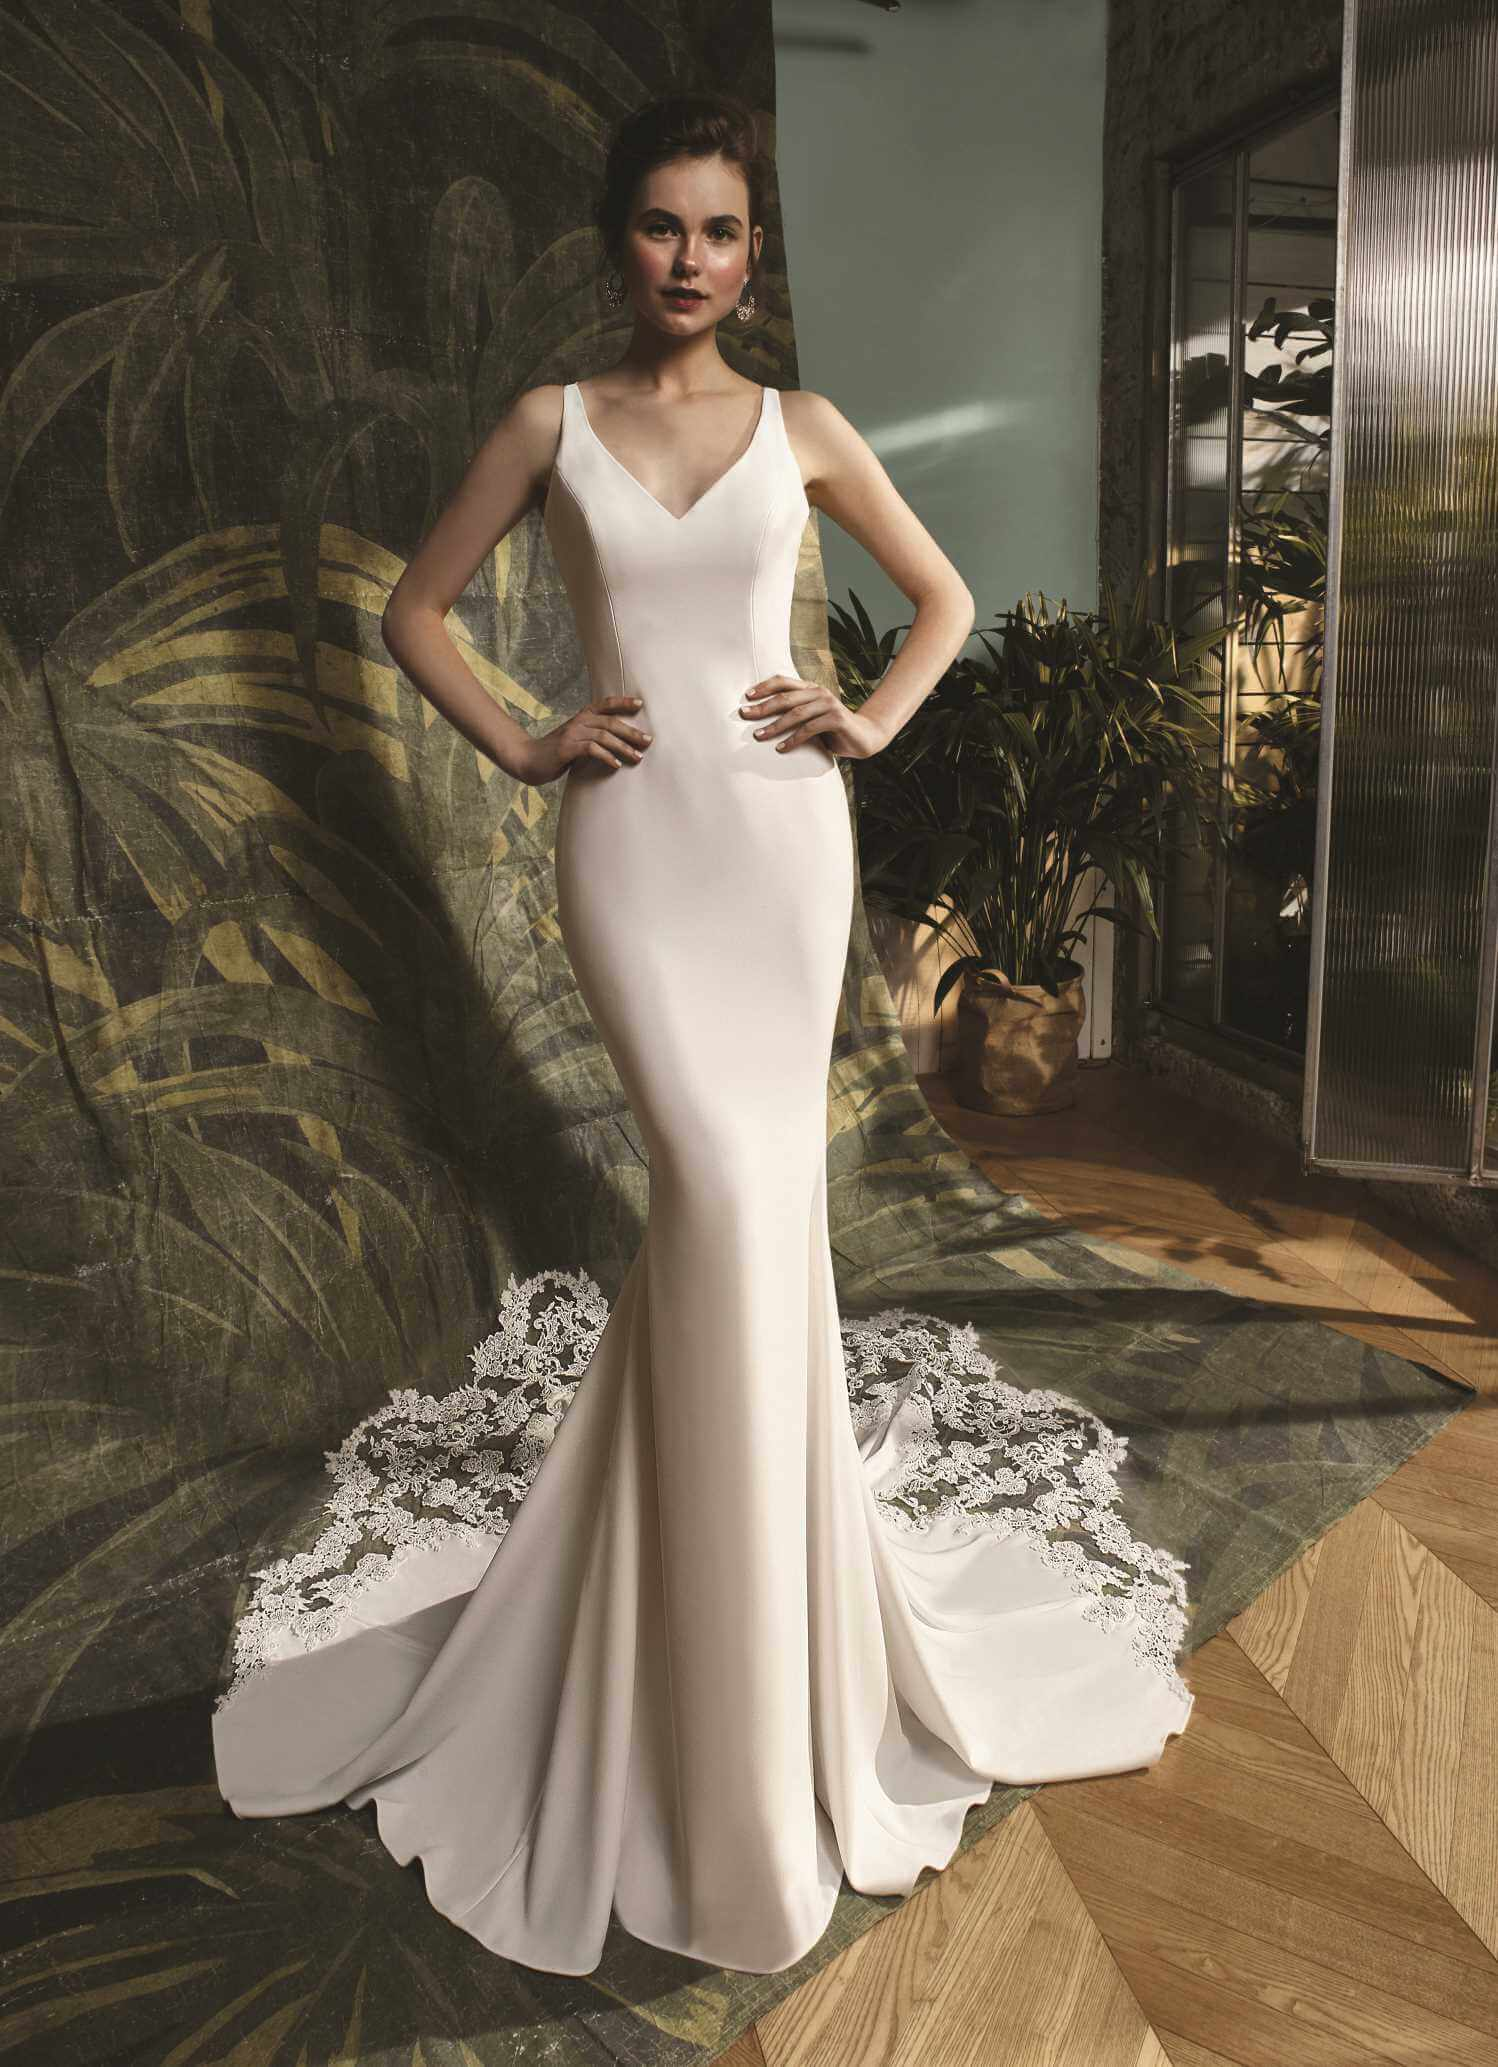 La Belle Angele- Bridal-wear Norwich. Boutique in Norwich & Norfolk